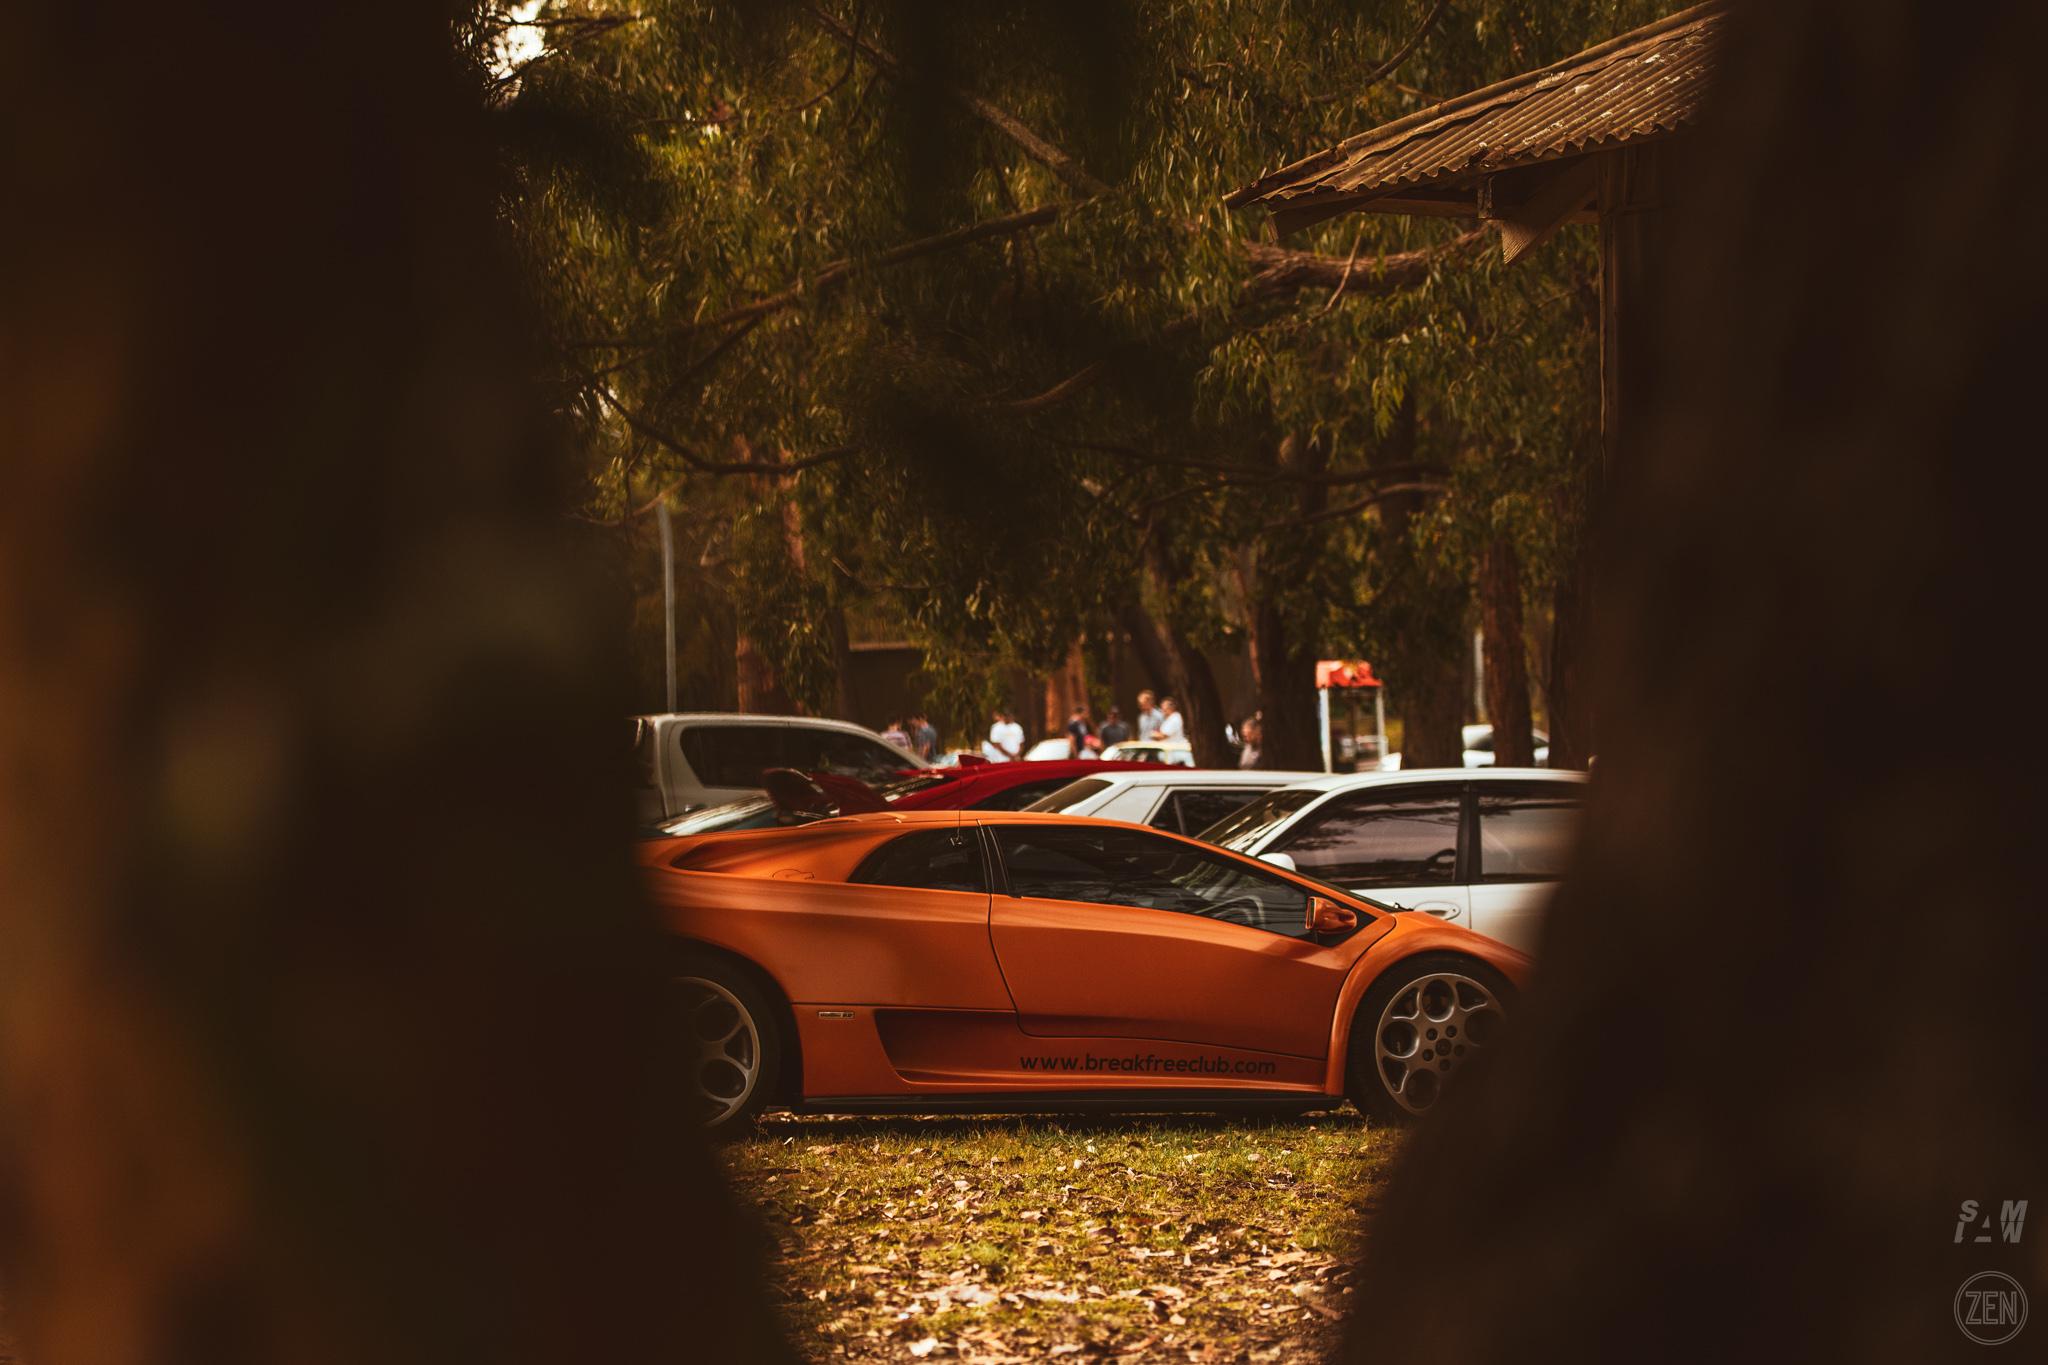 2019-12-08 - Porsches & Coffee 051